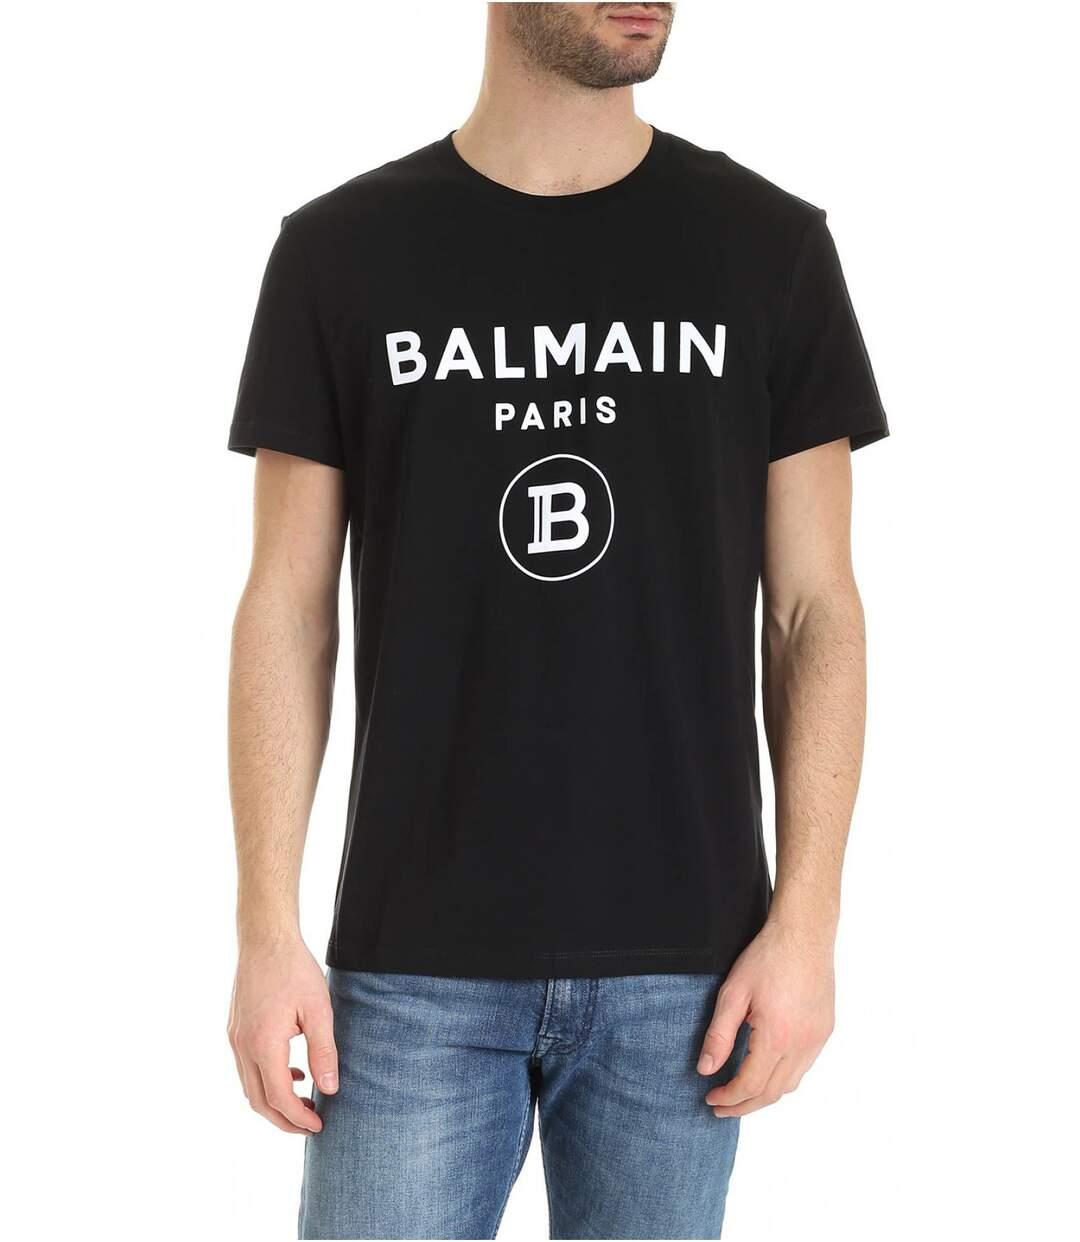 Tee shirt en coton iconic  -  Balmain - Homme